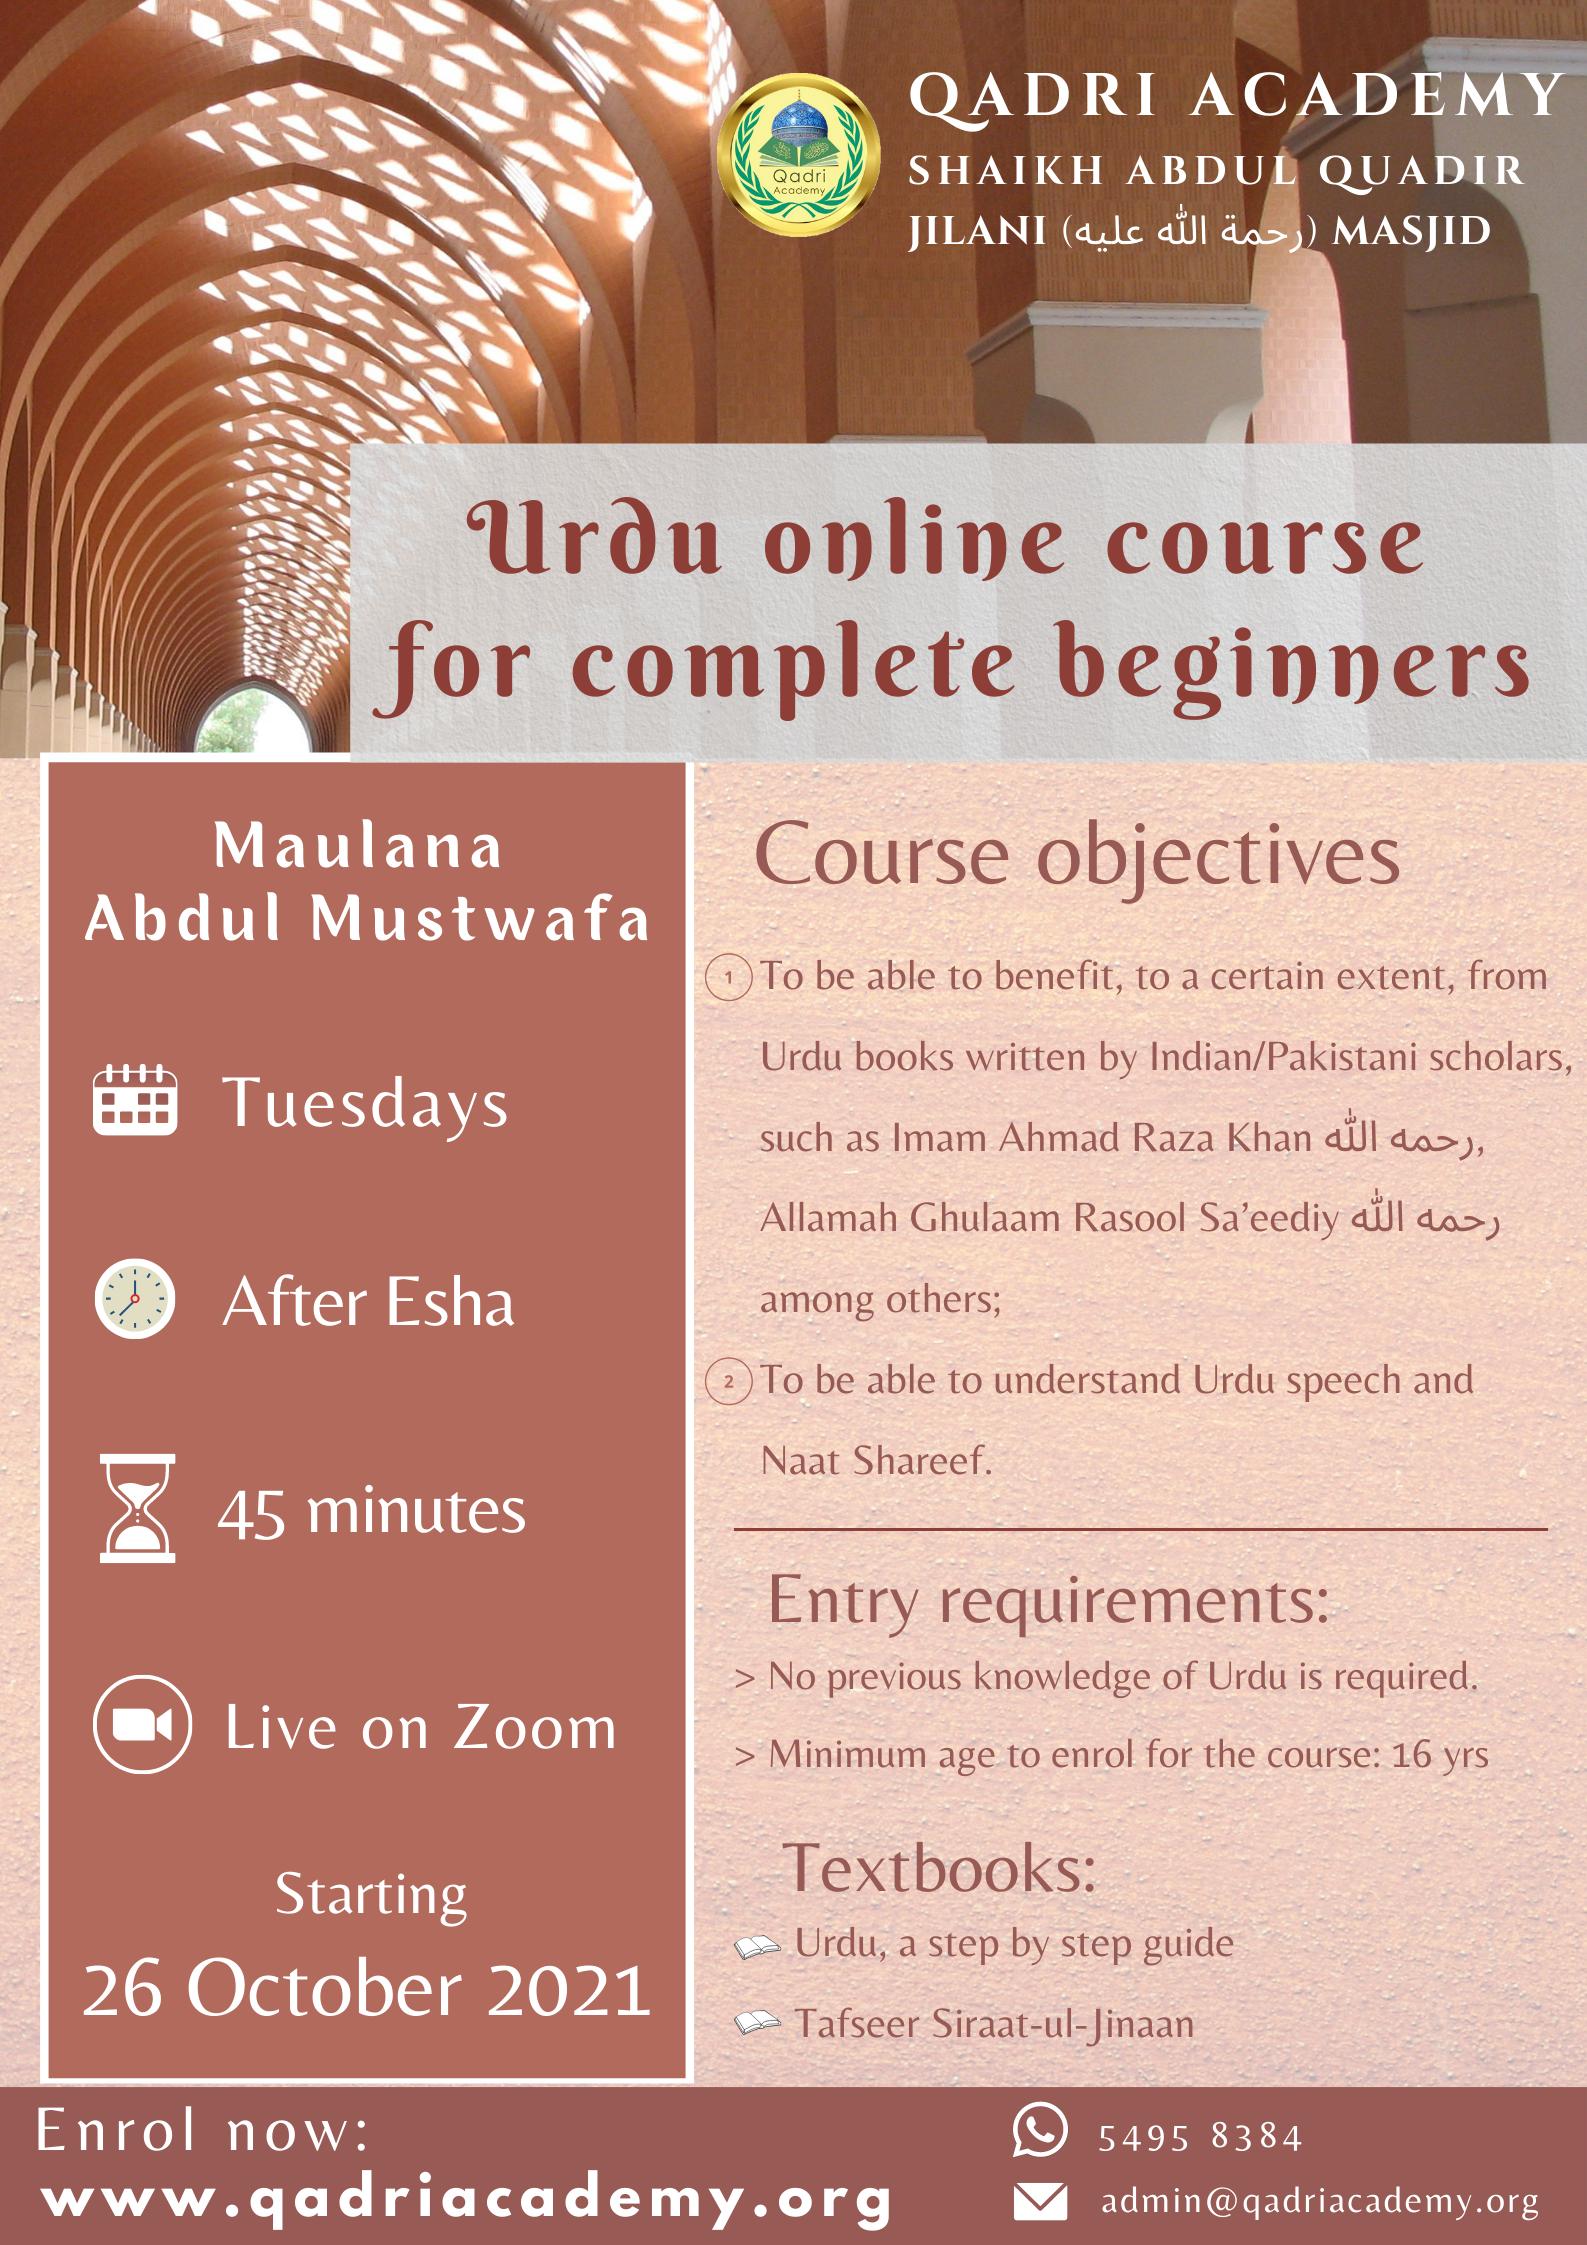 Urdu online course